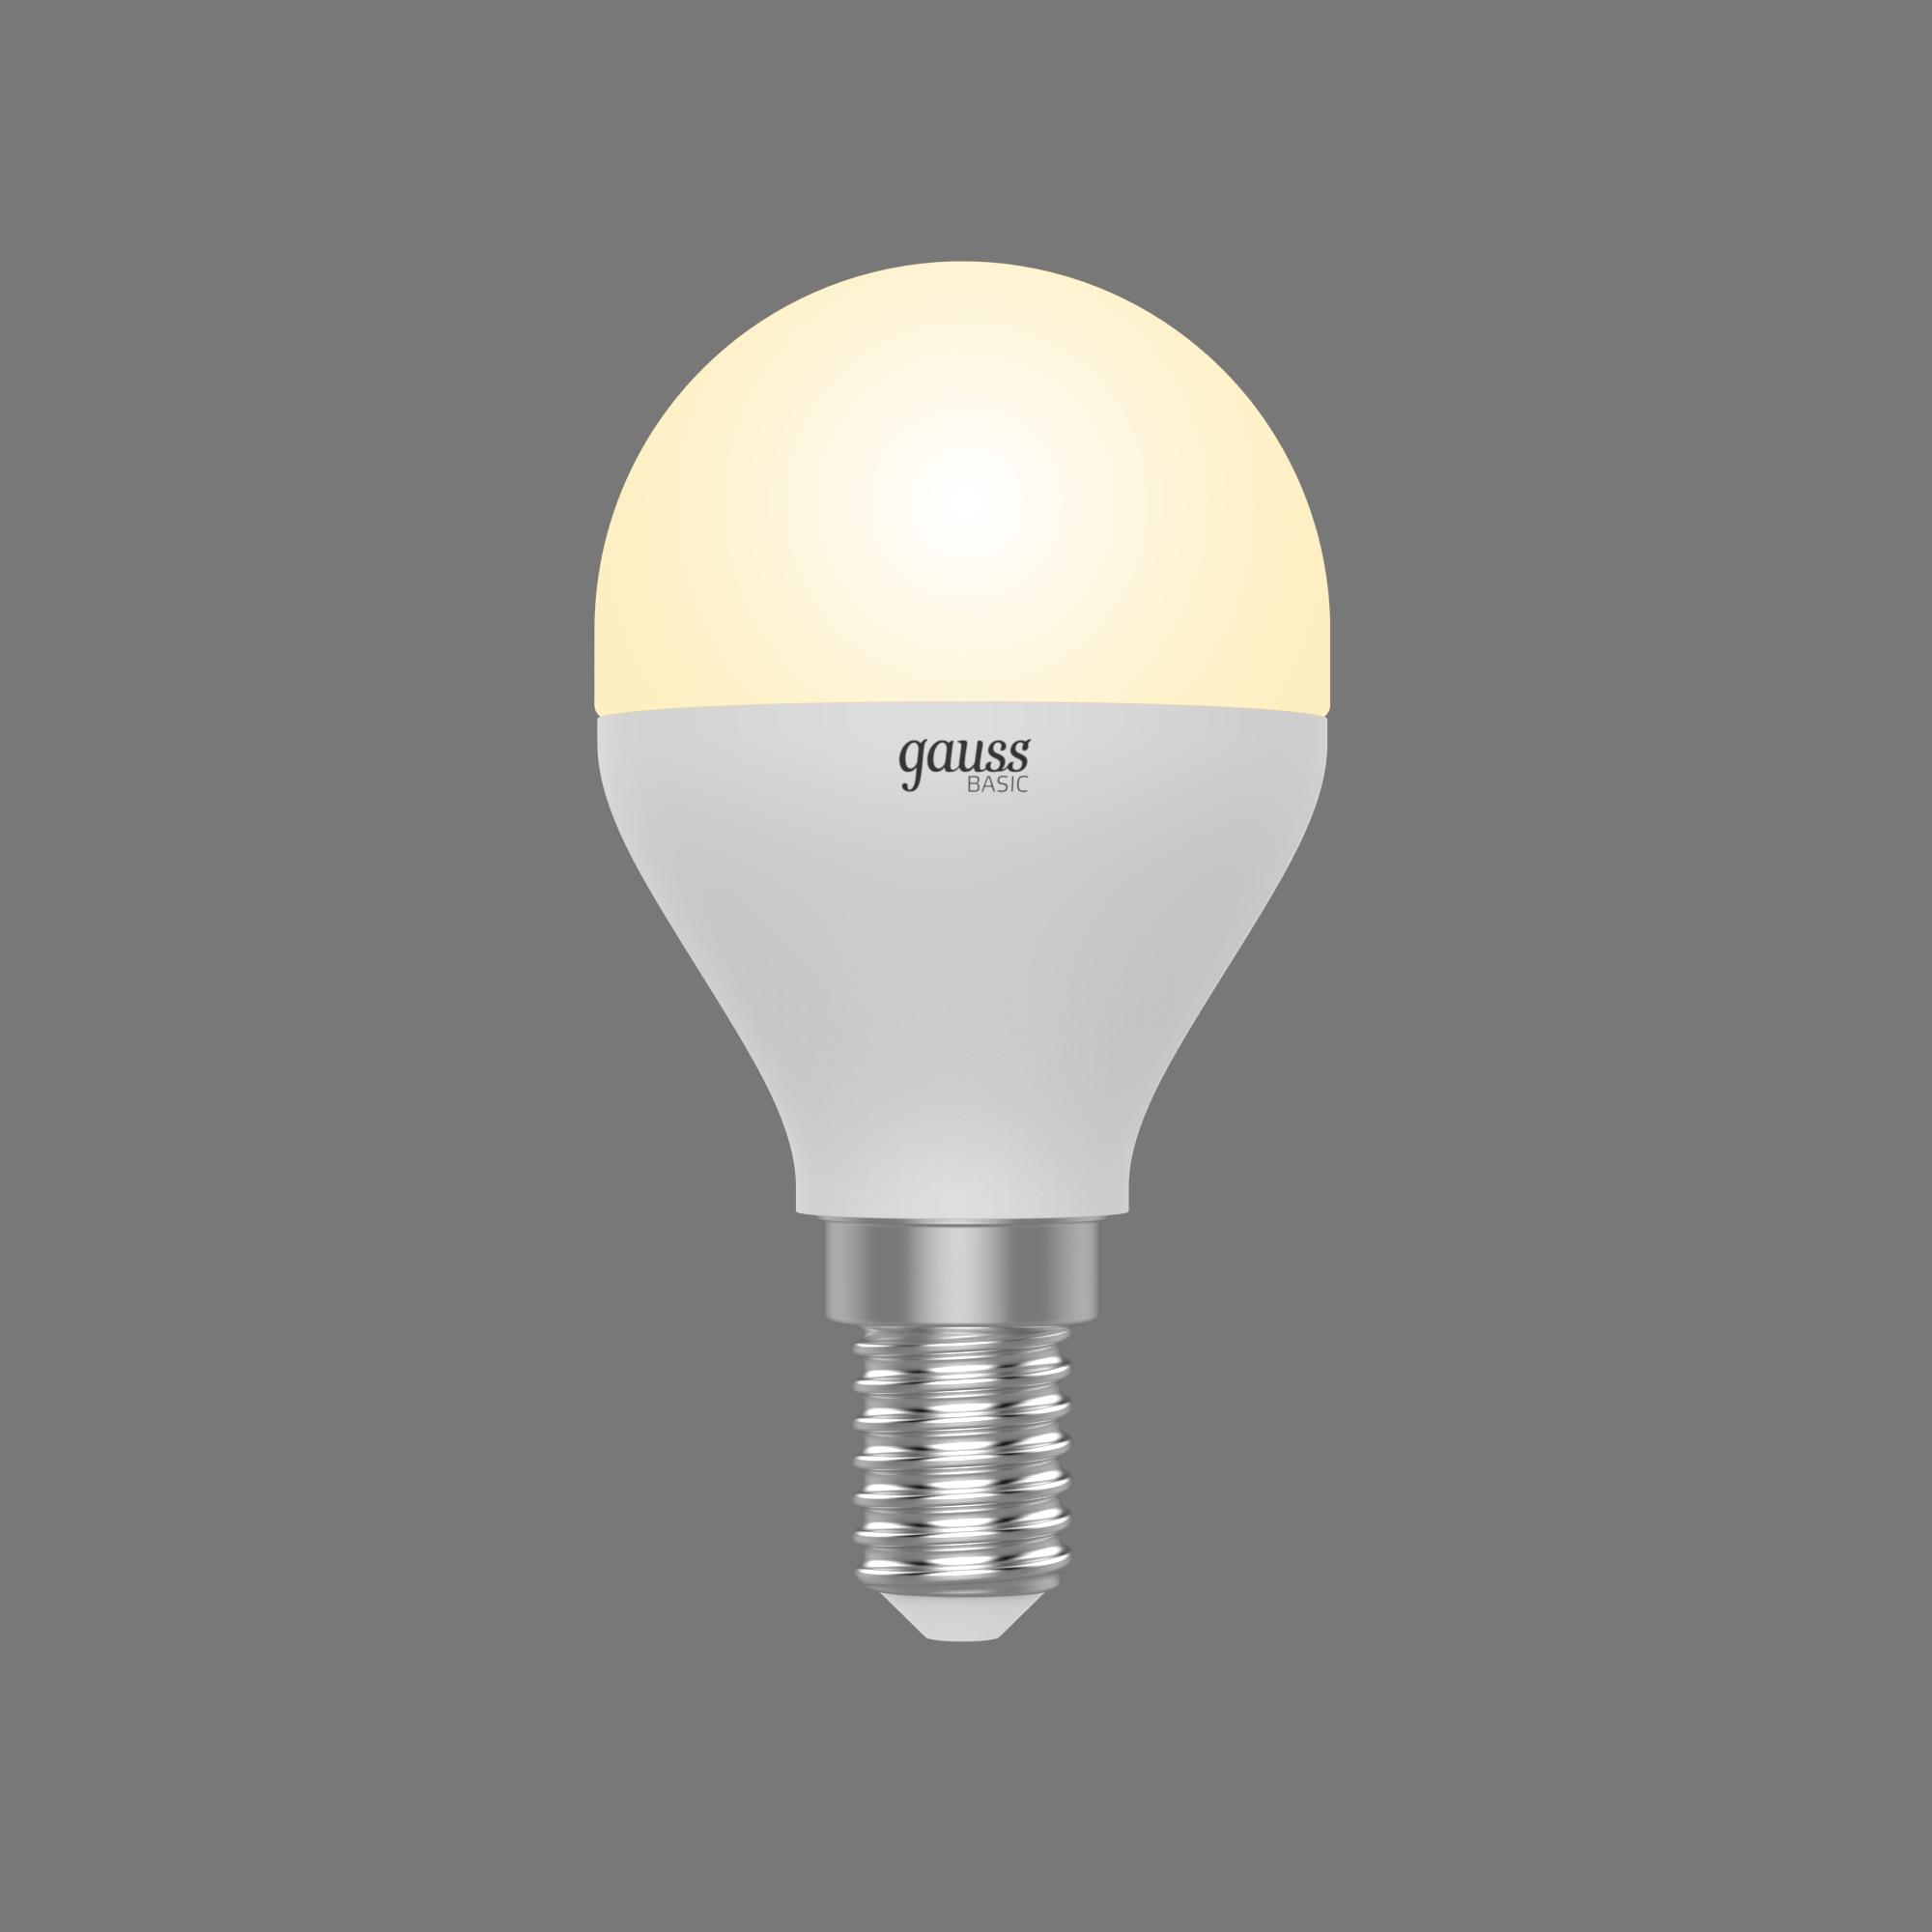 Лампа светодиодная Gauss E14 220 В 7 Вт шар 2.4 м² регулируемый свет